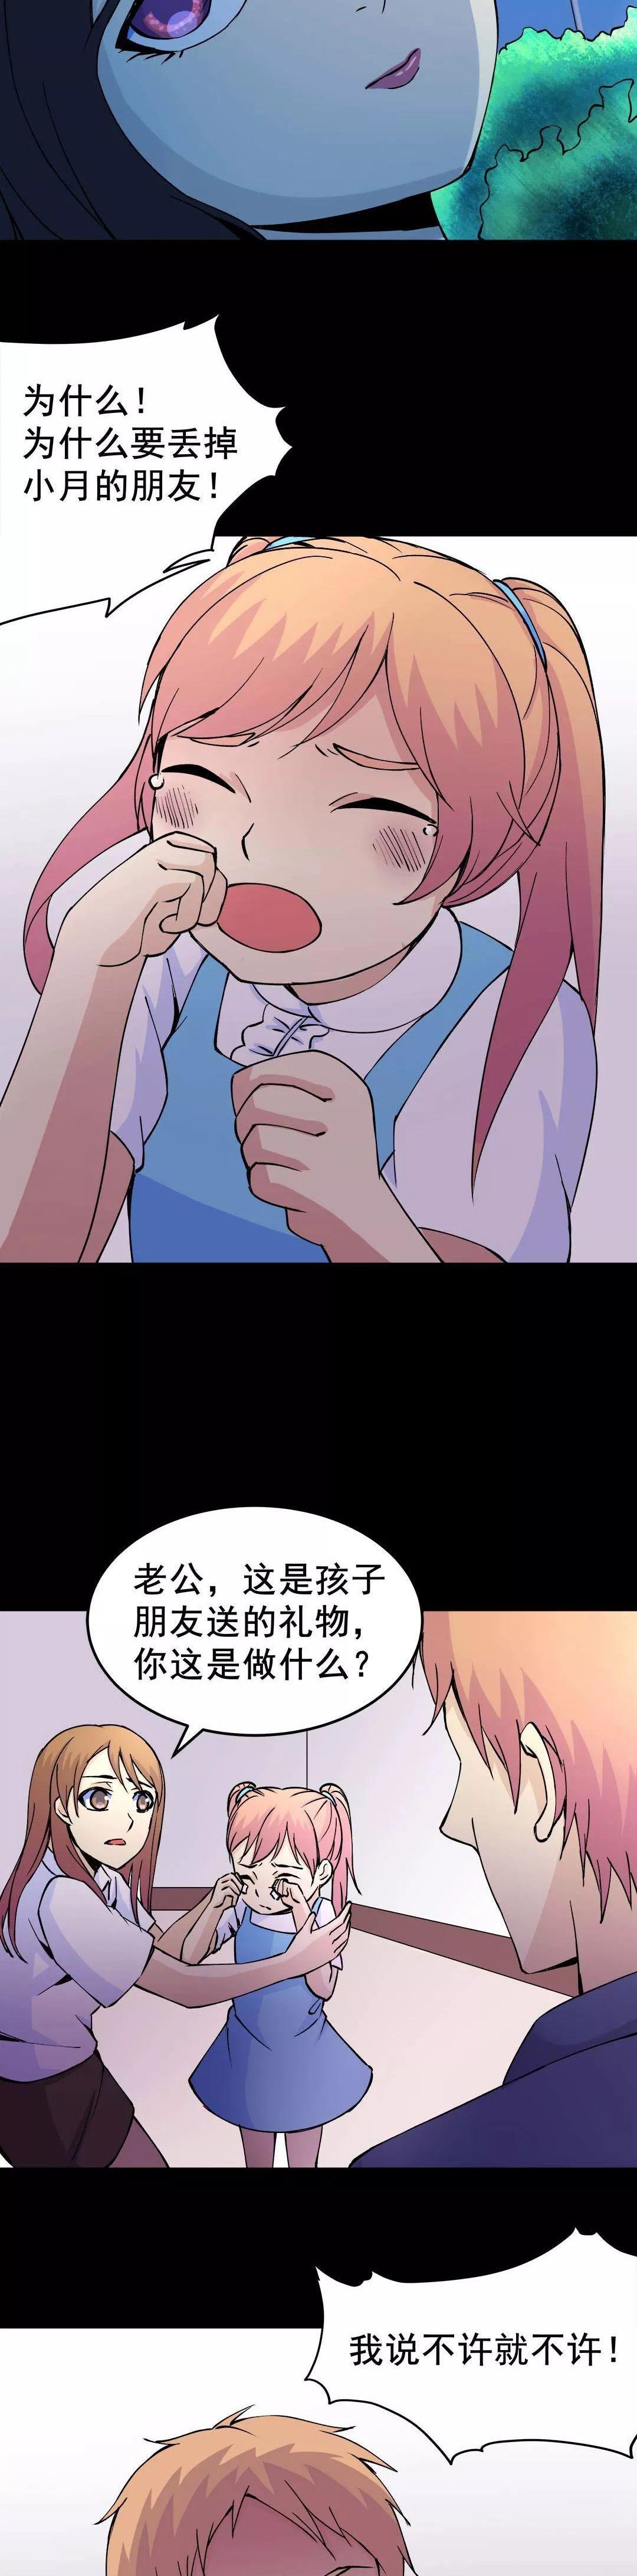 【韩毒漫画】没有心没有灵魂